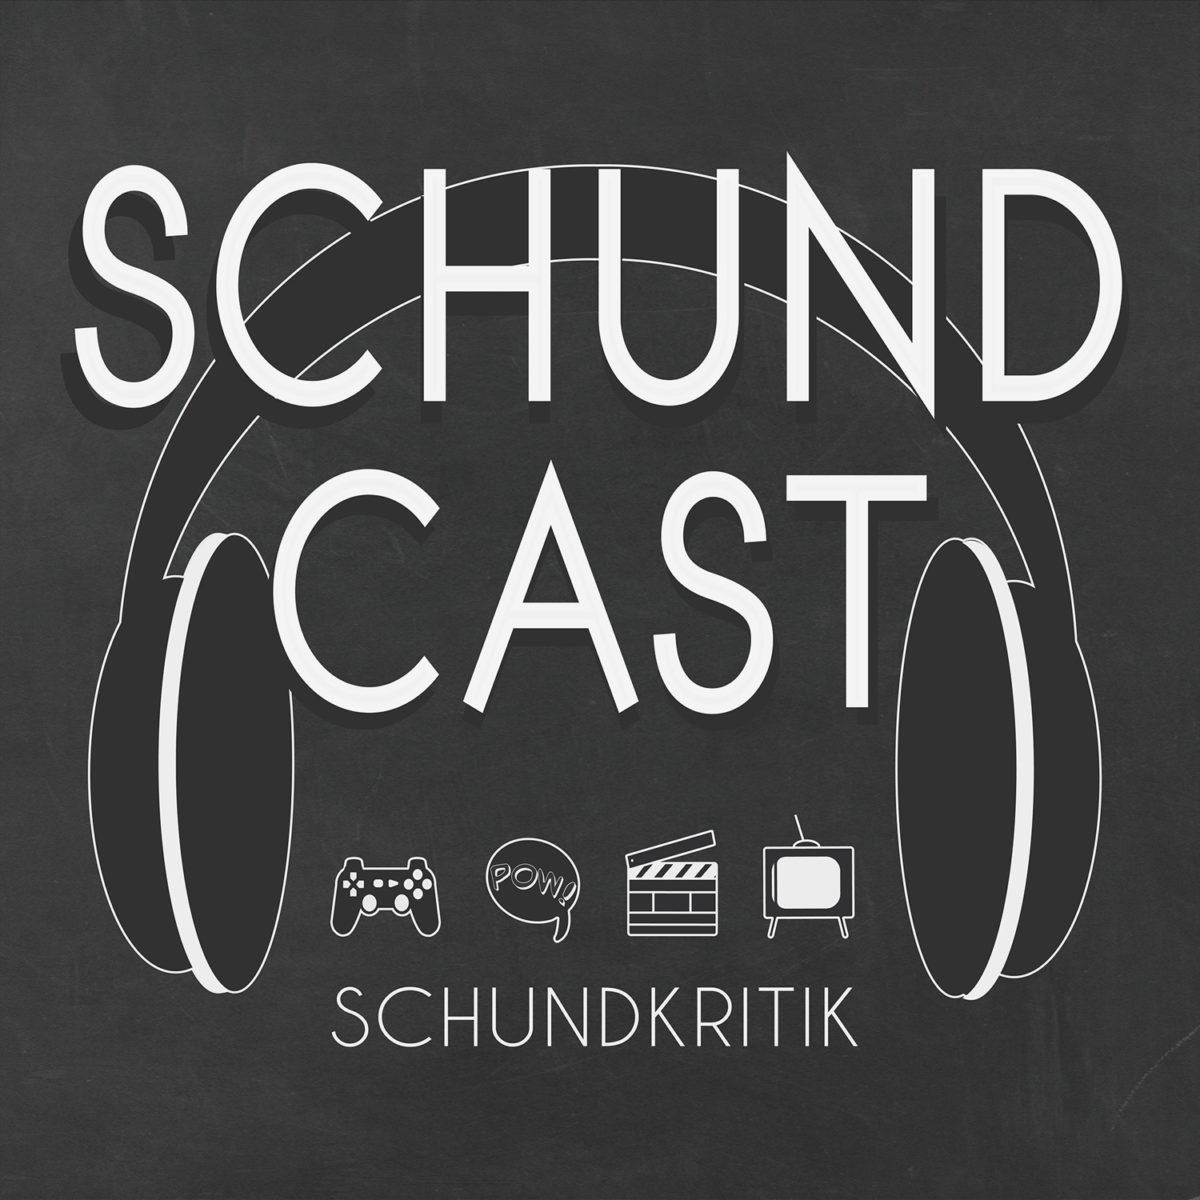 Schundcast 029: Von Homer Simpsons Anwalt verklagt